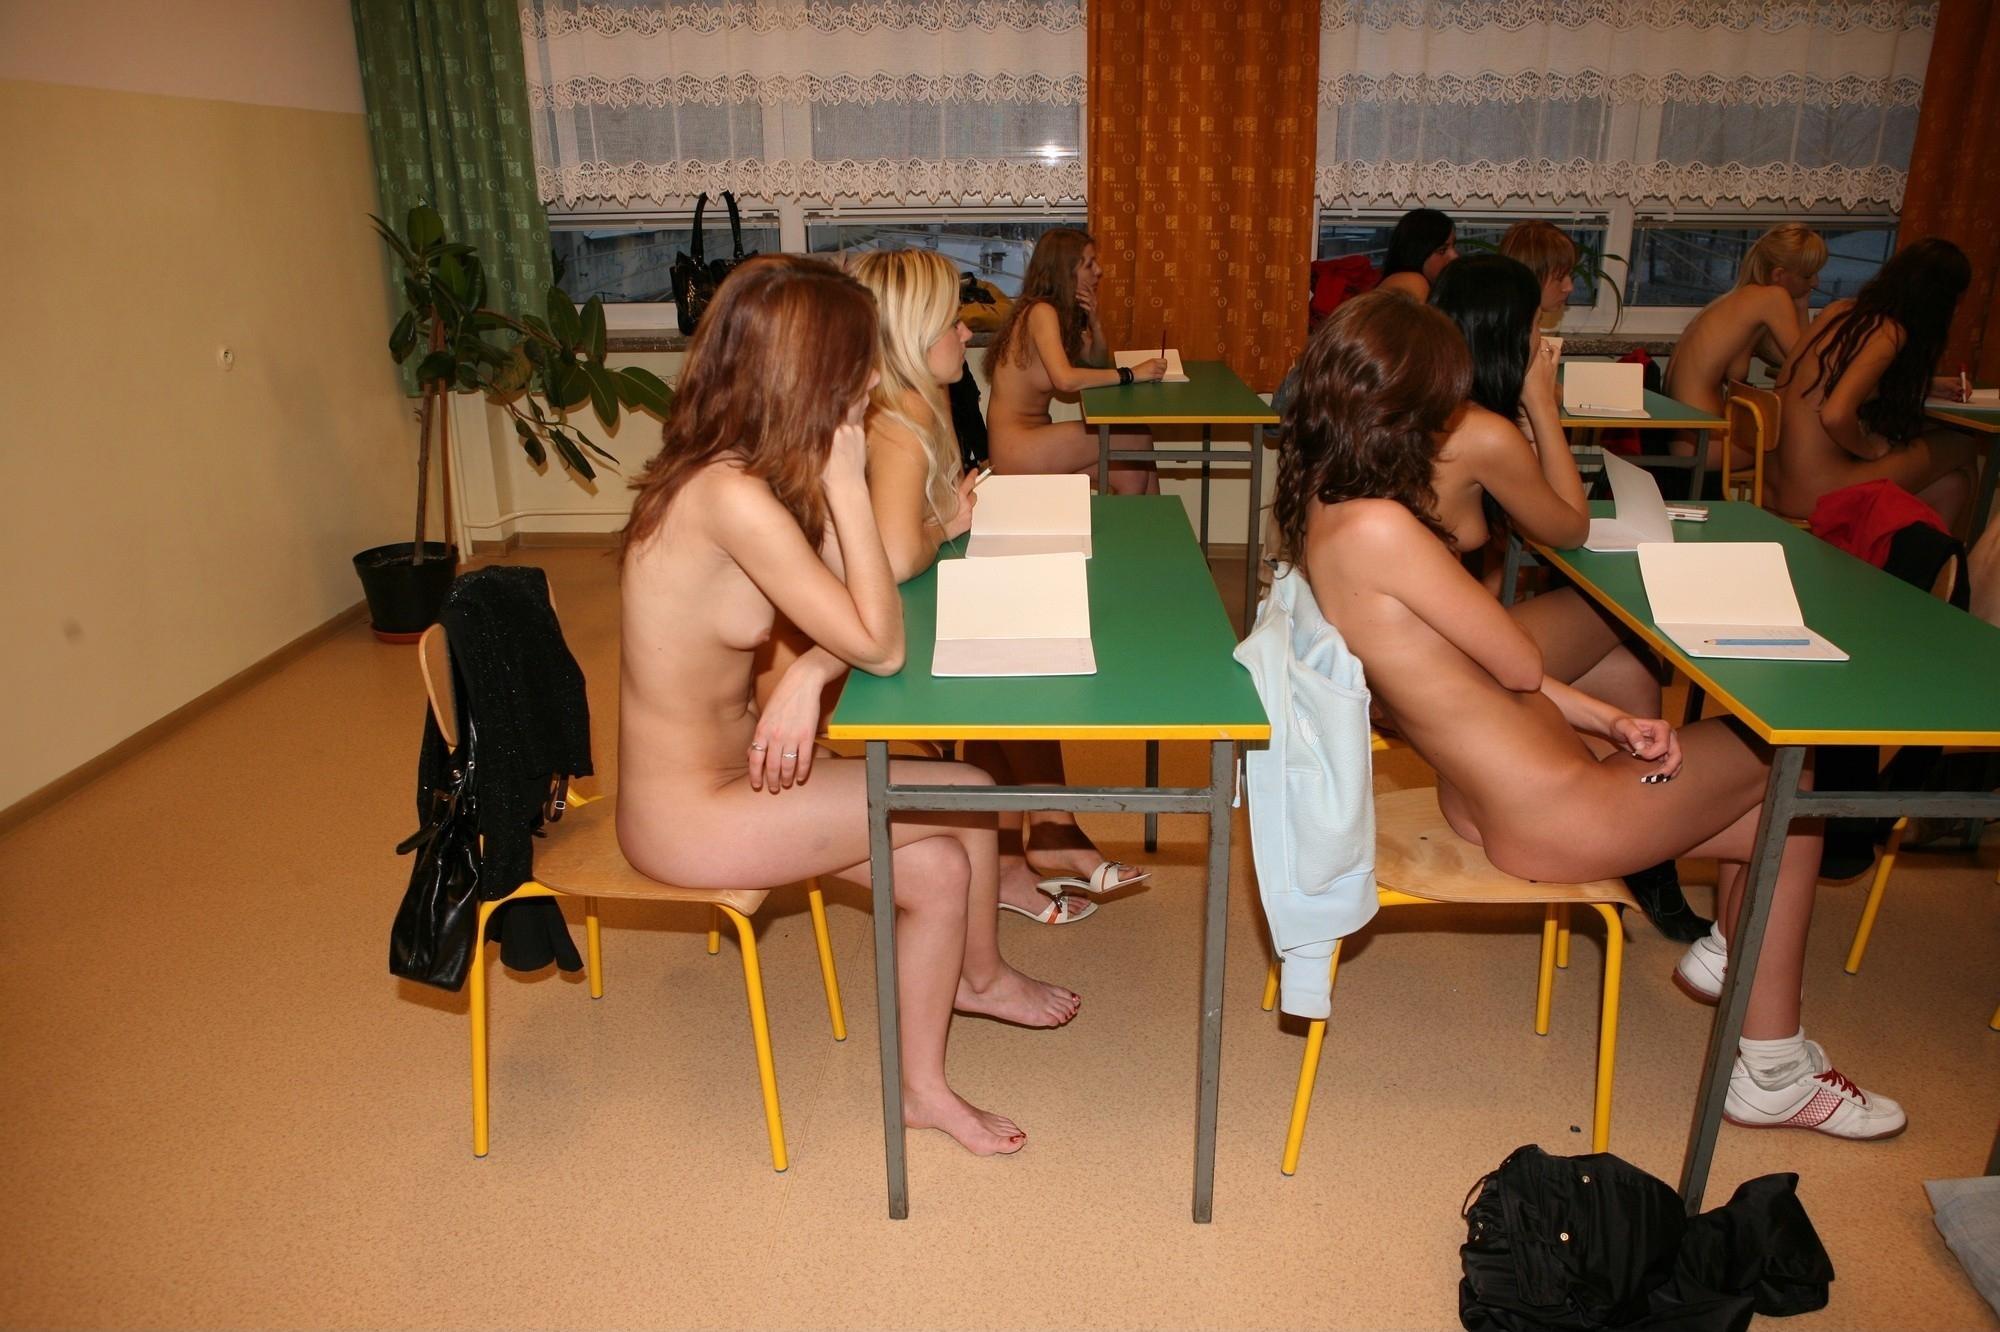 dirty teen on sex photos